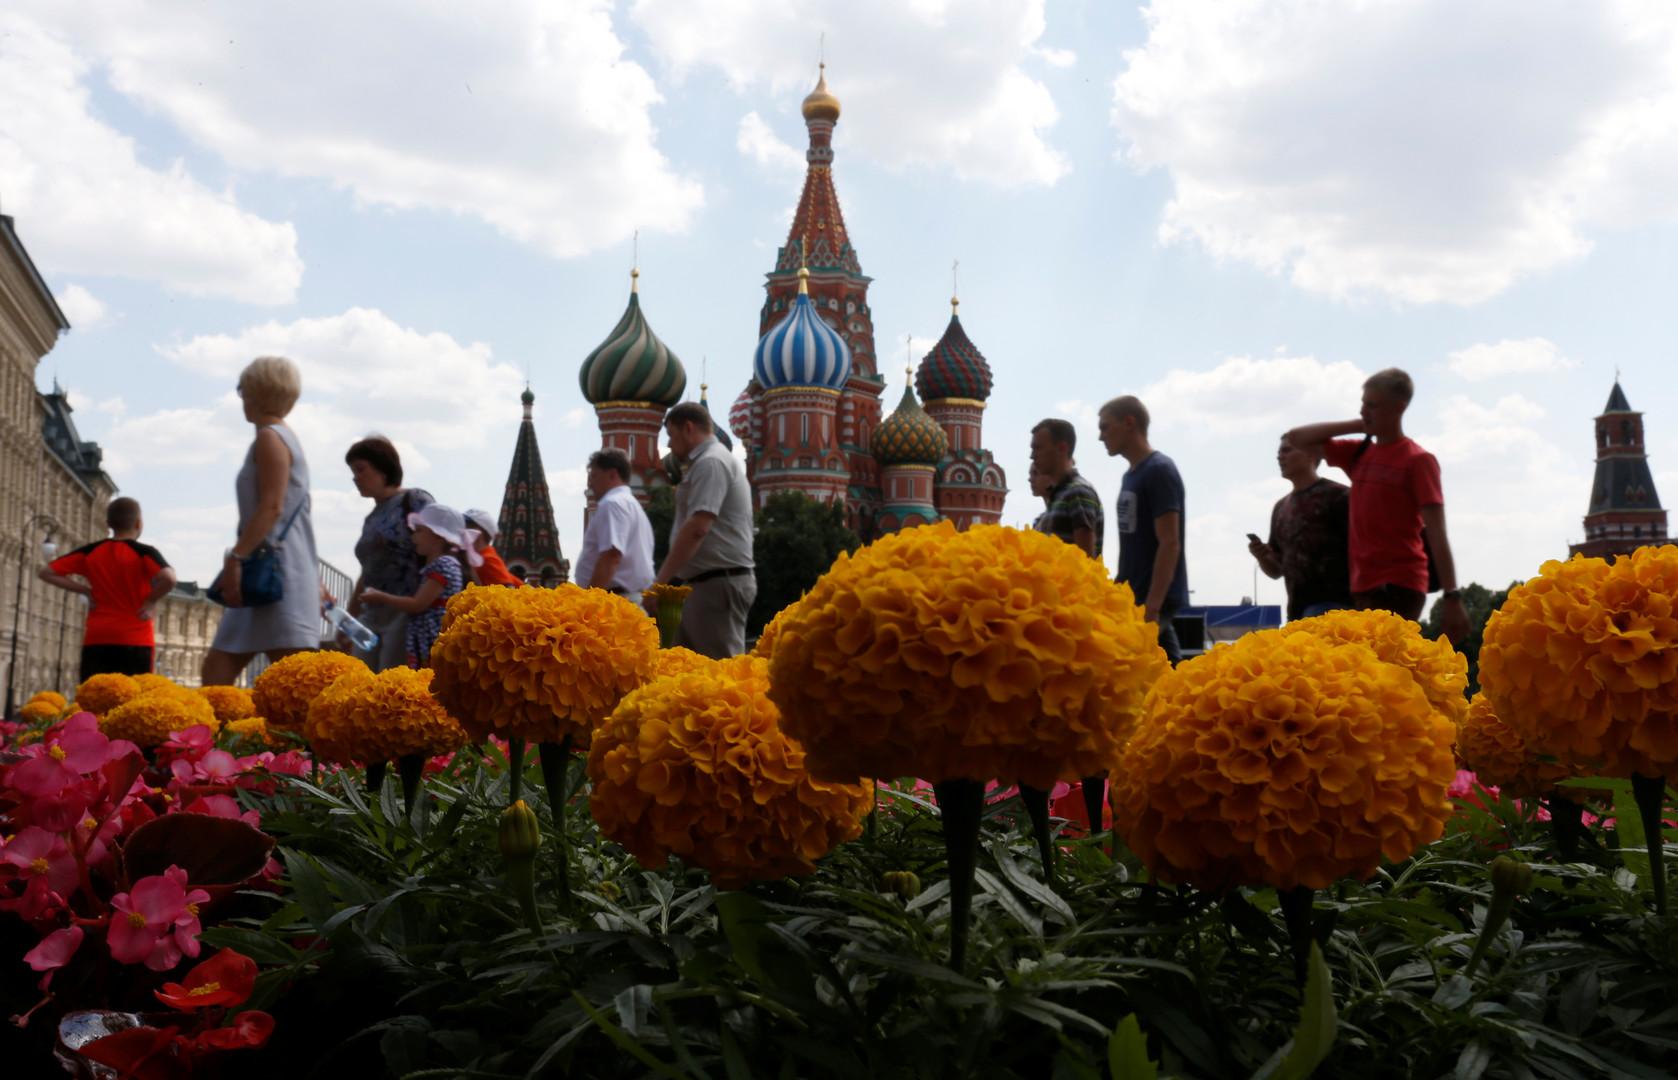 «Идеальные условия»: синоптики рассказали, какая погода ждёт москвичей на предстоящей неделе